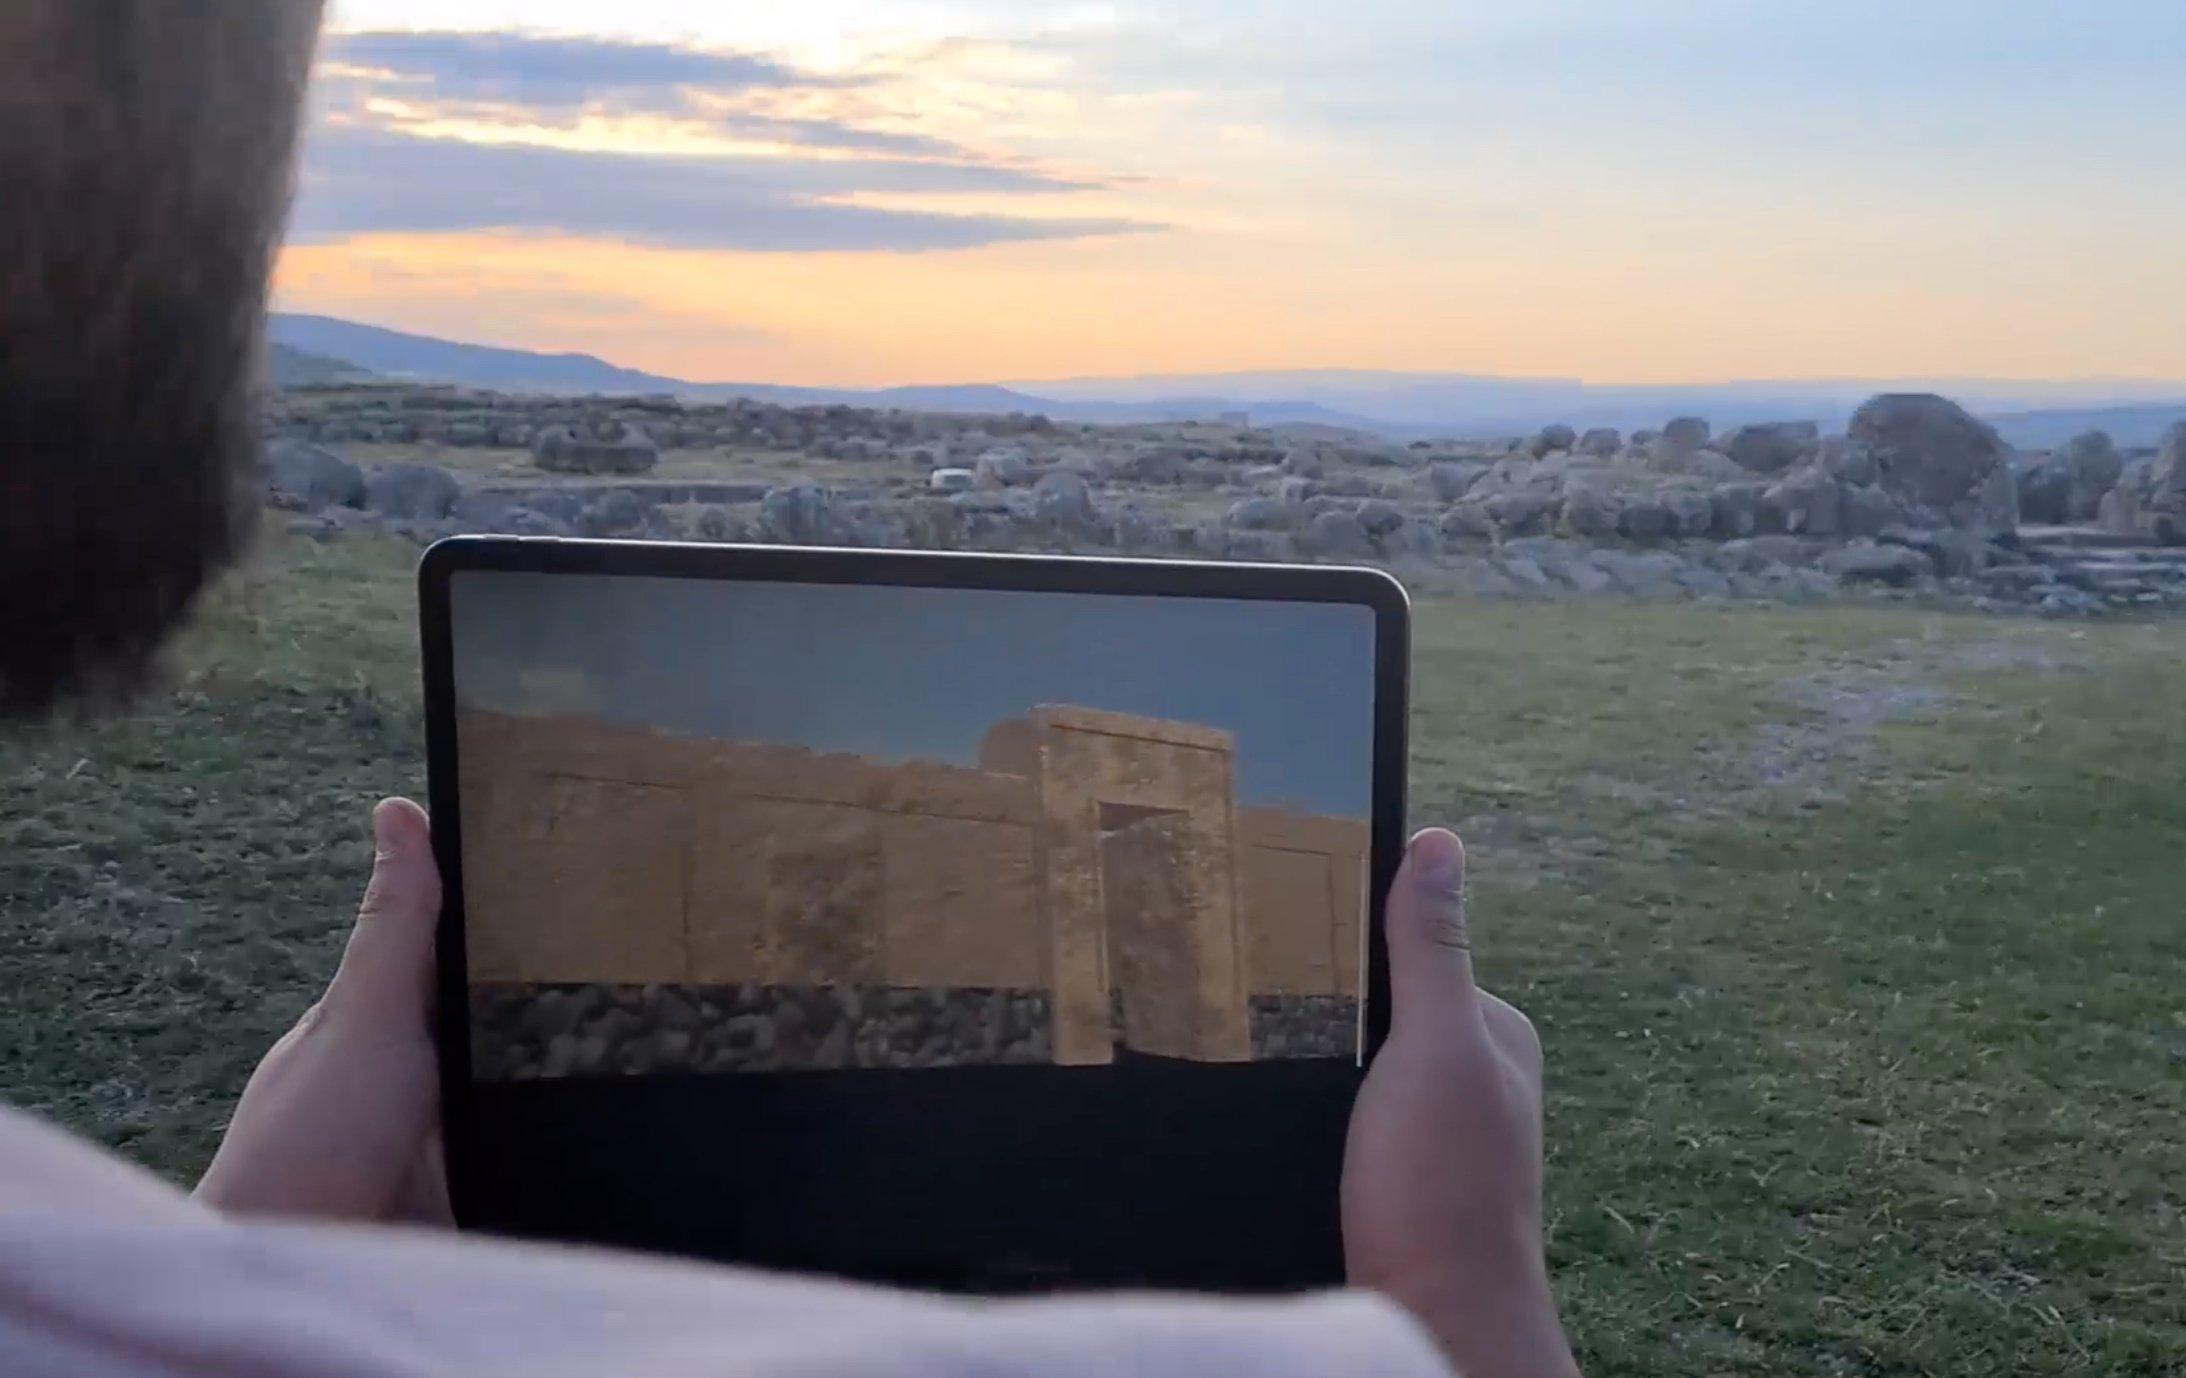 Les gens pourront visiter 10 sites à Hattusa via l'application.  (PHOTO AA)